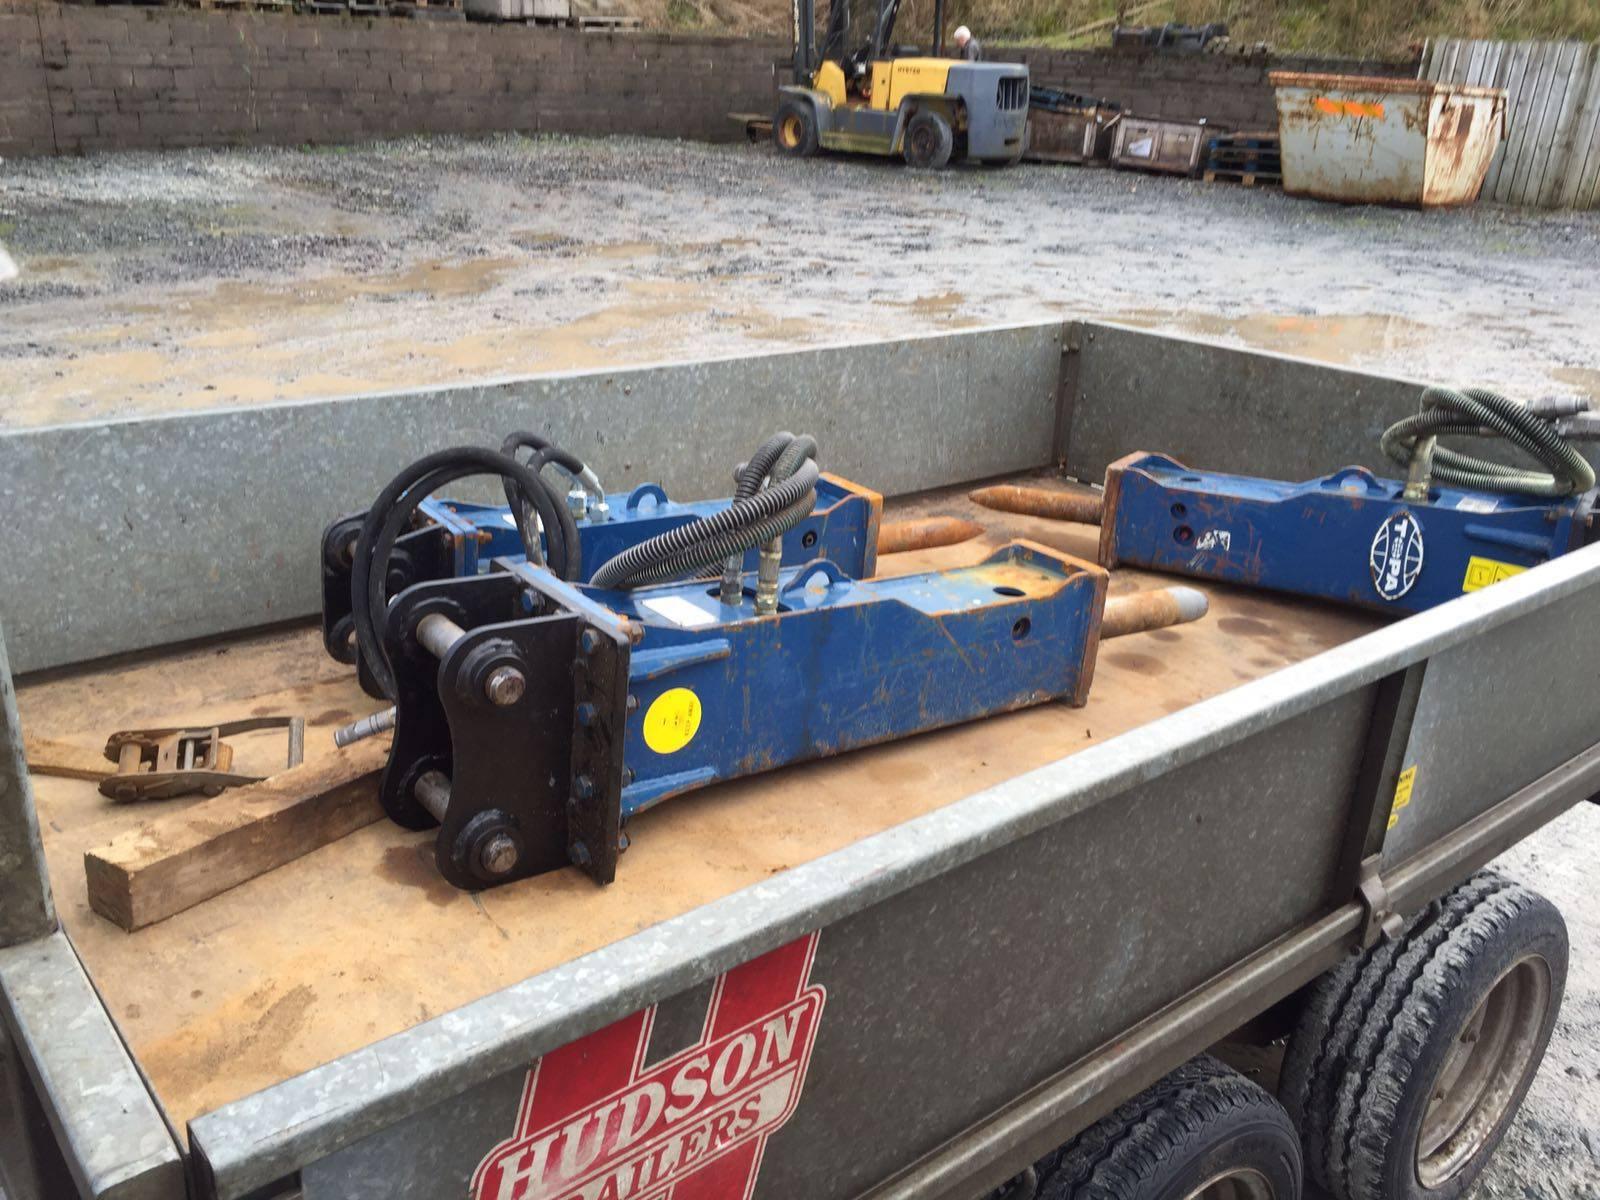 TOPA Hydraulic Breakers